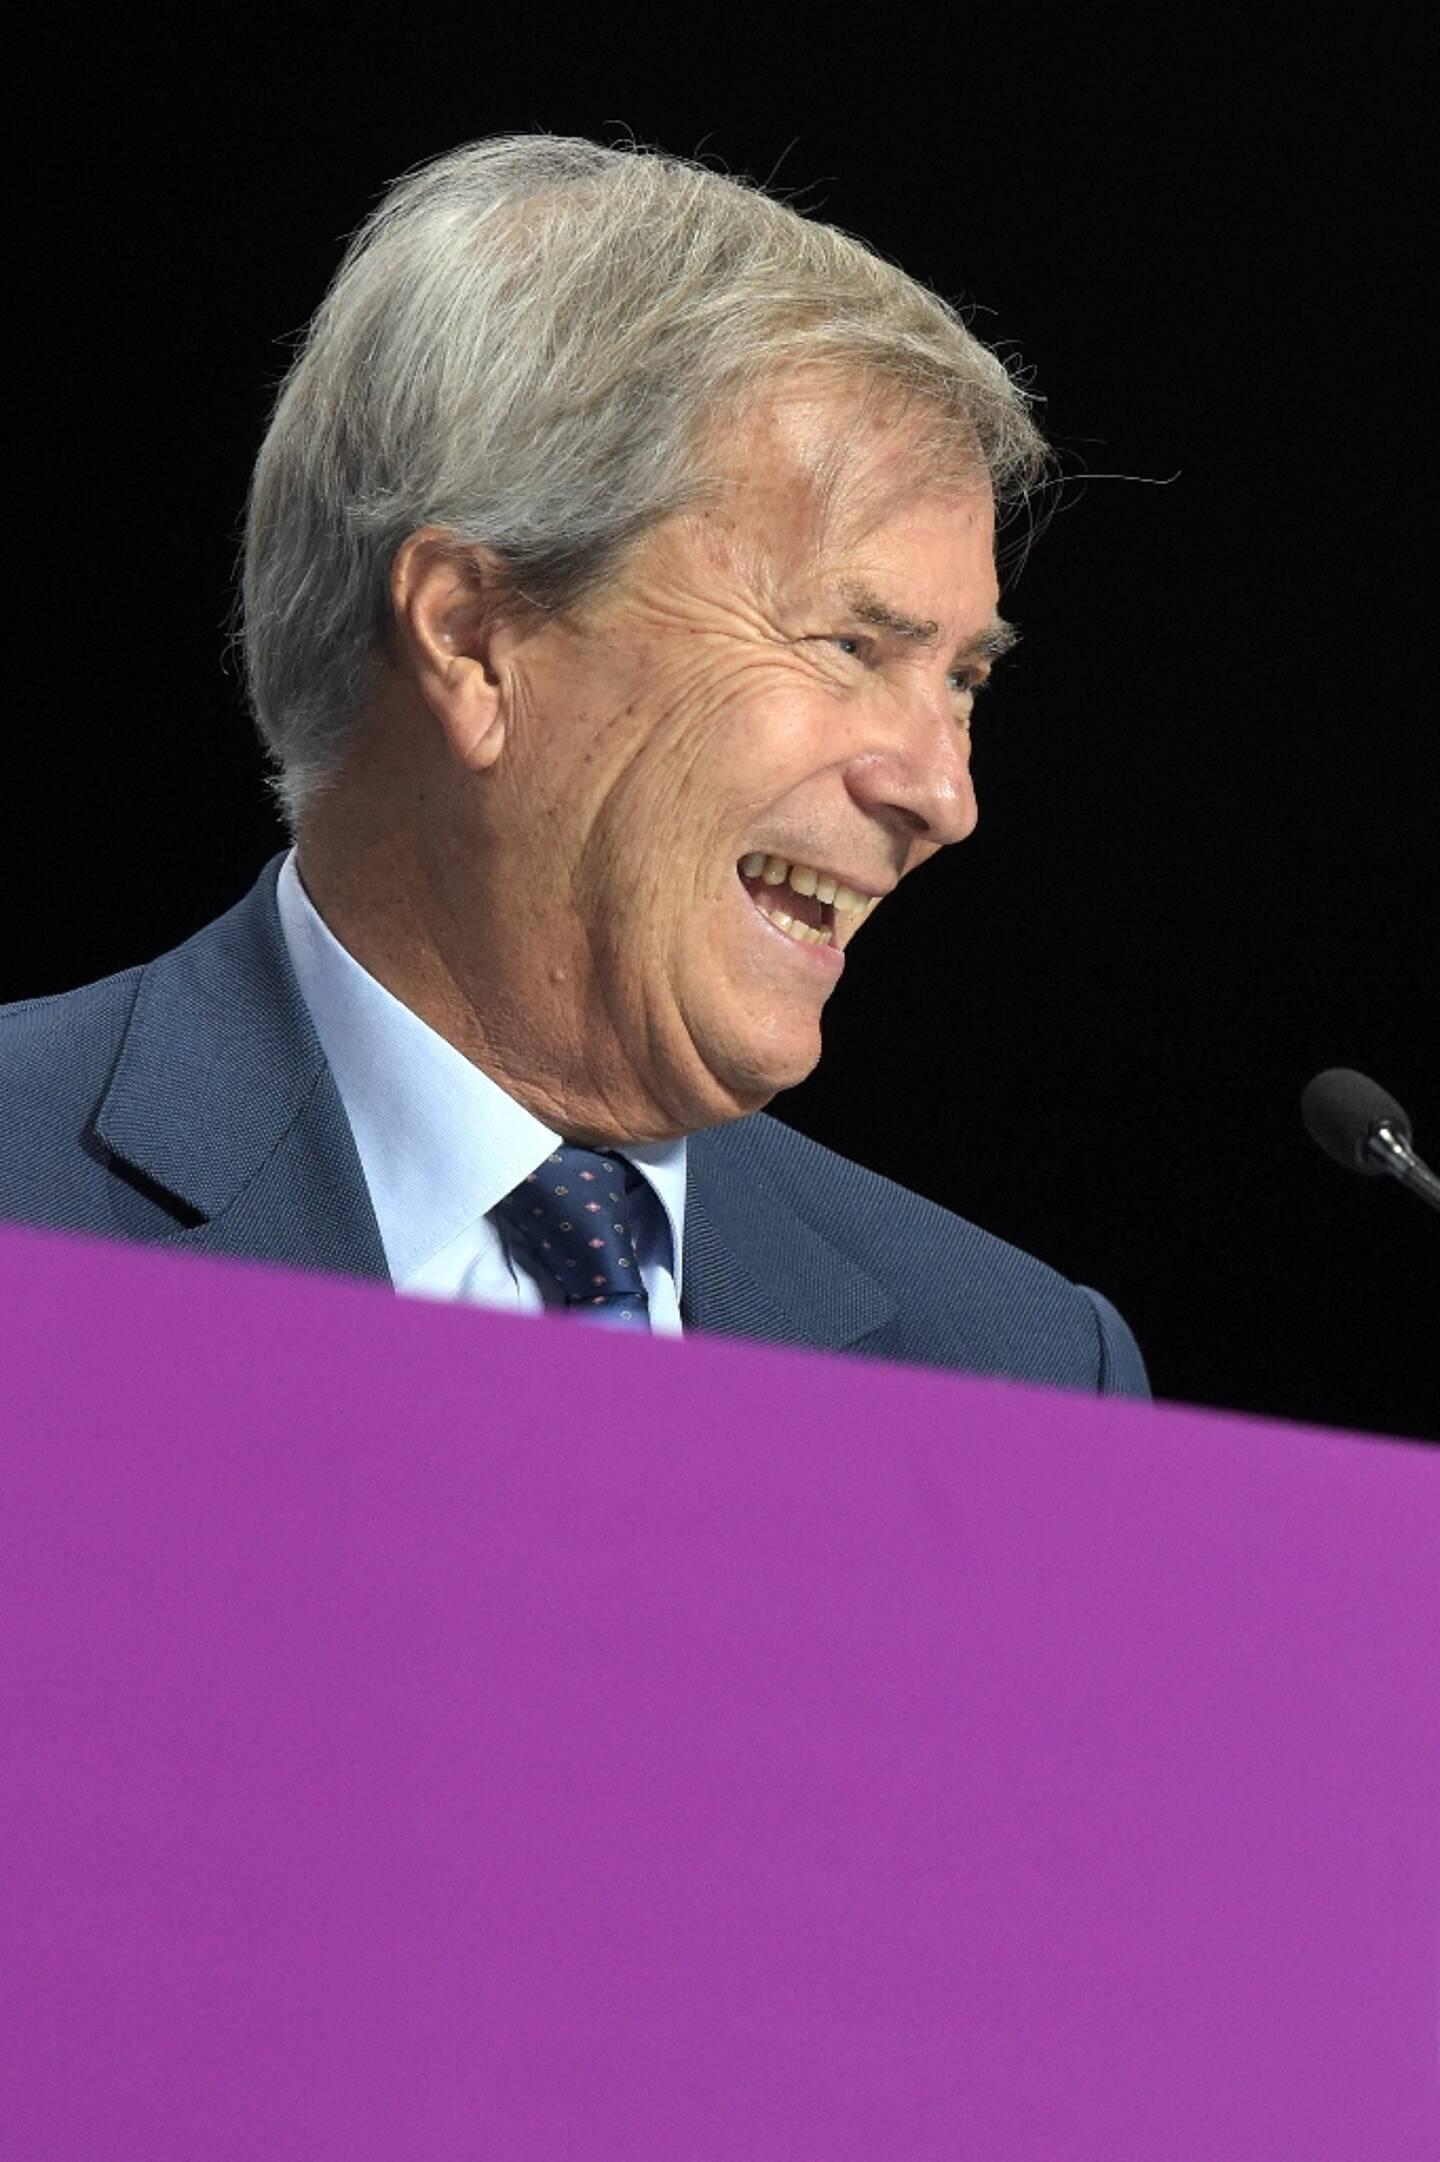 Vincent Bolloré lors d'une assemblée générale du groupe Vivendi, le 19 avril 2018 à Paris